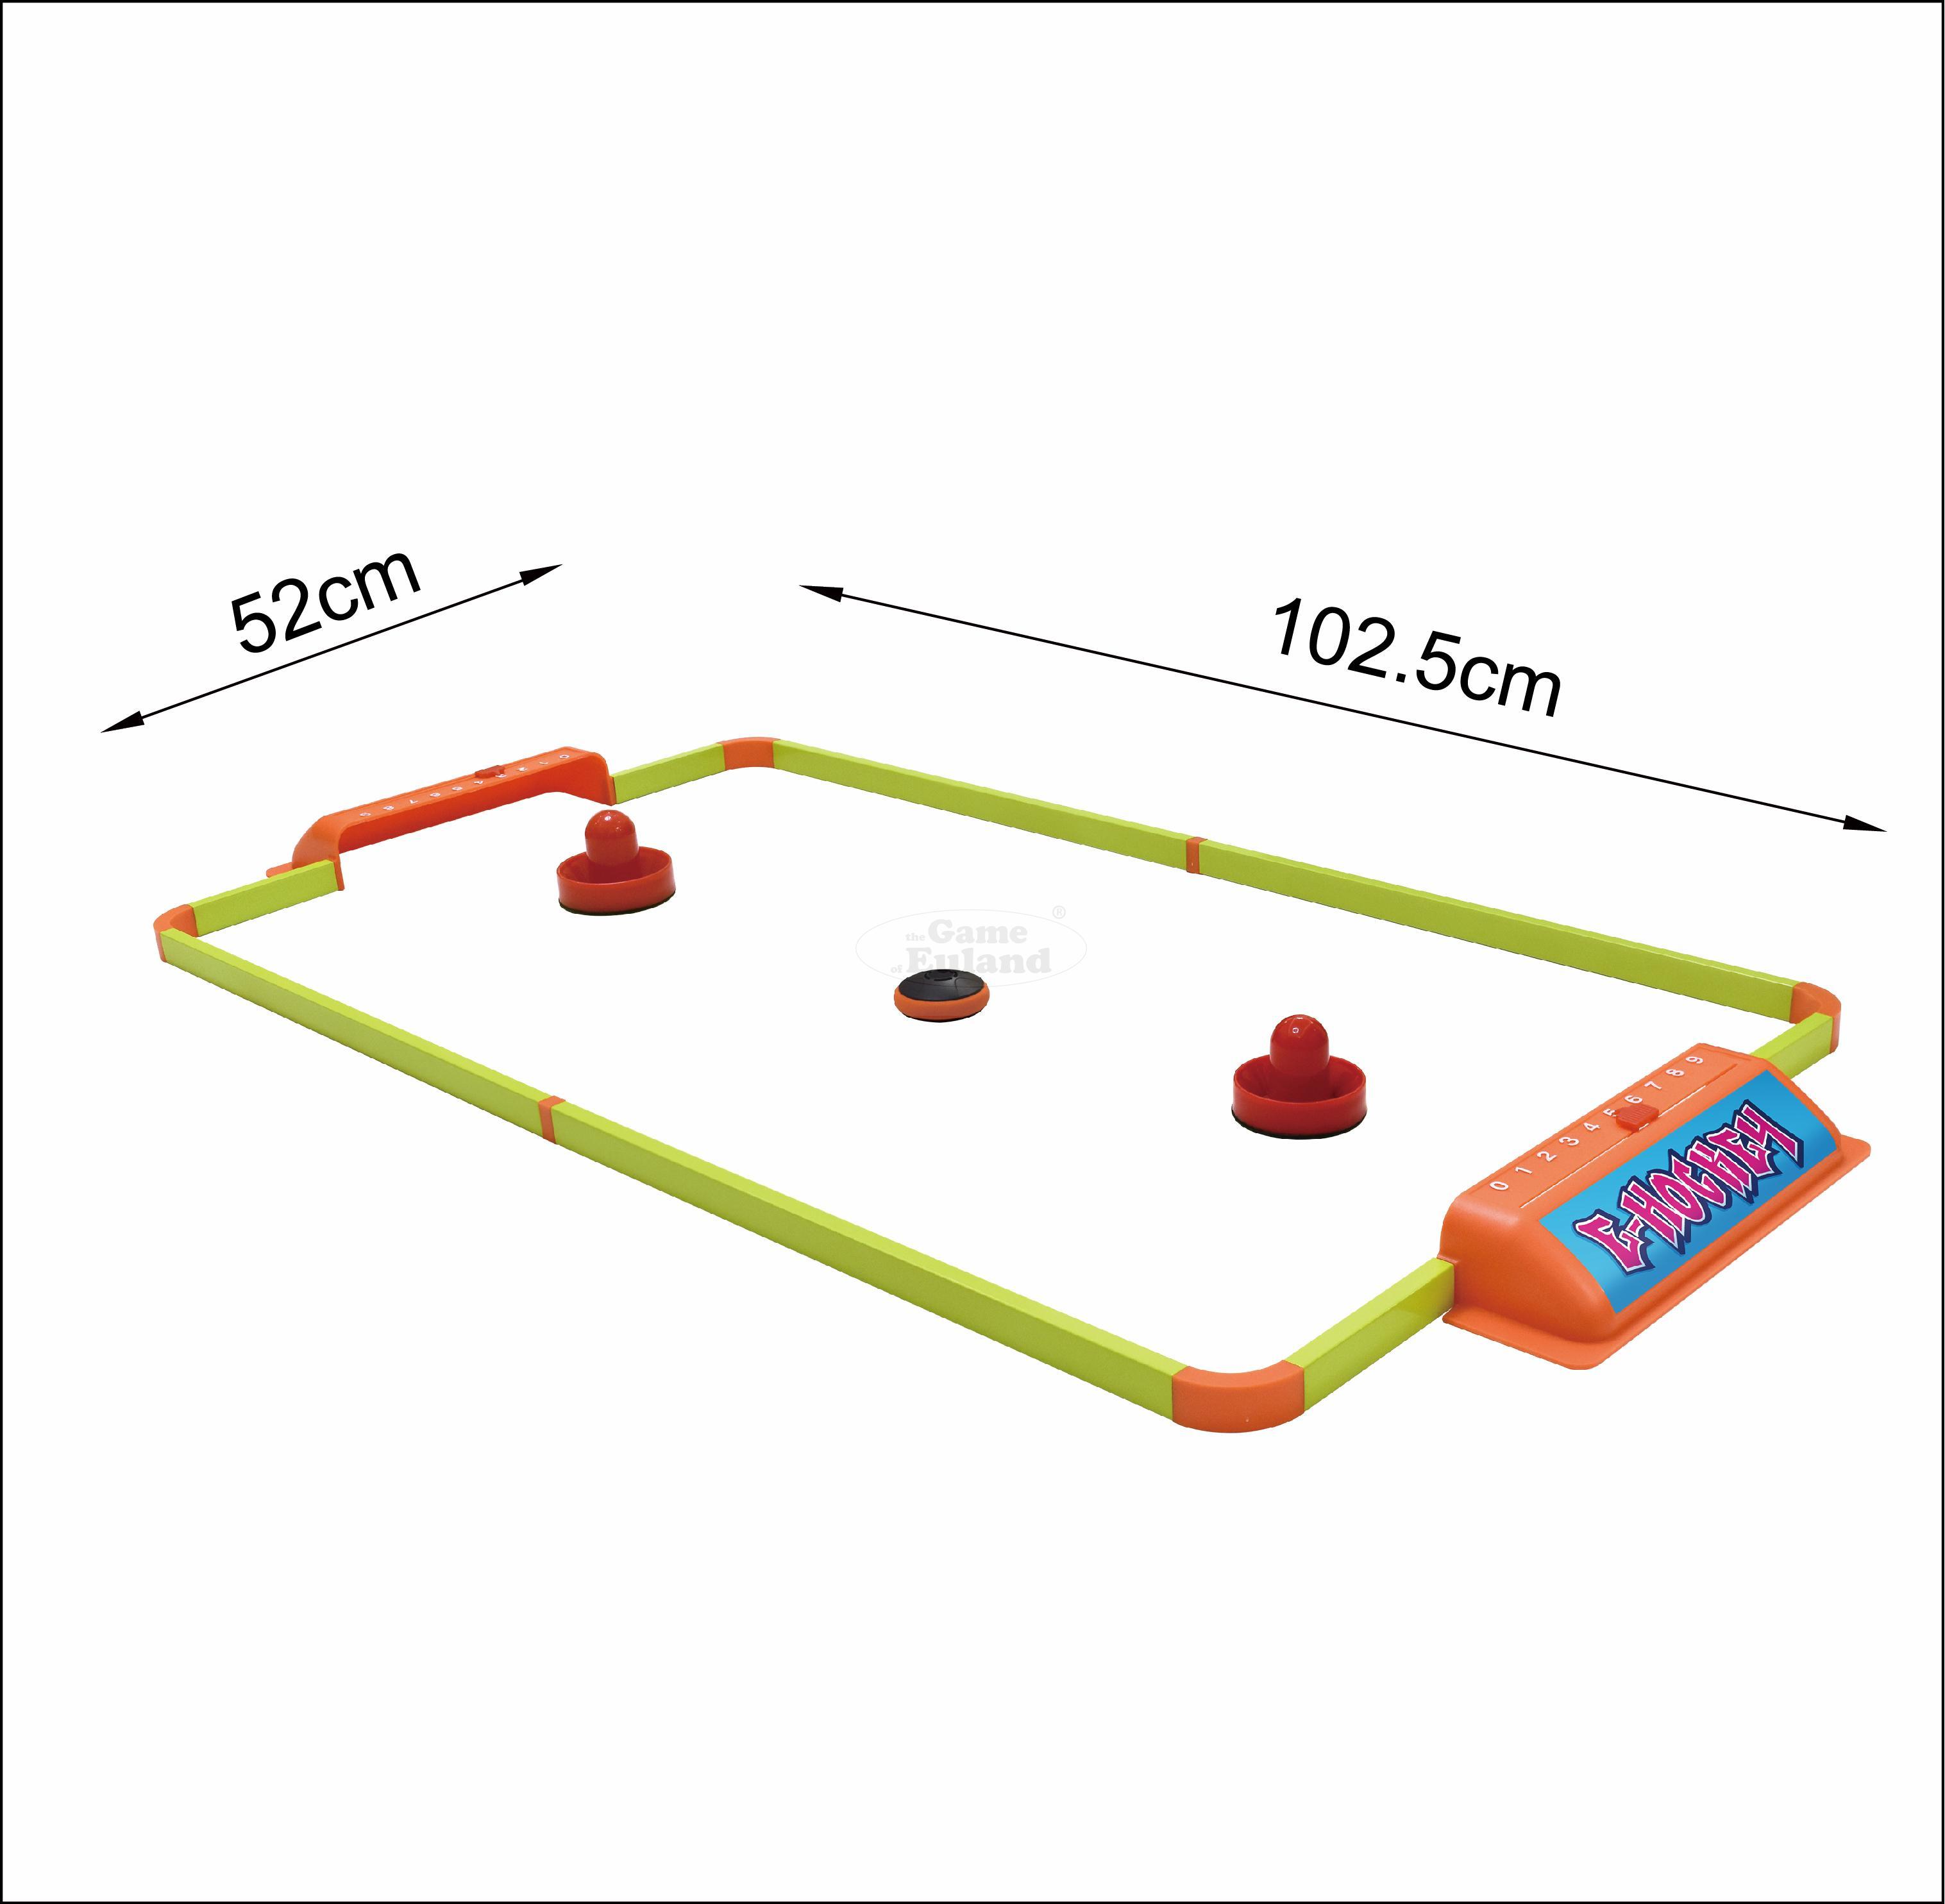 全新改版桌上冰球 桌上曲棍球 亲子互动儿童玩具 桌面空气球台